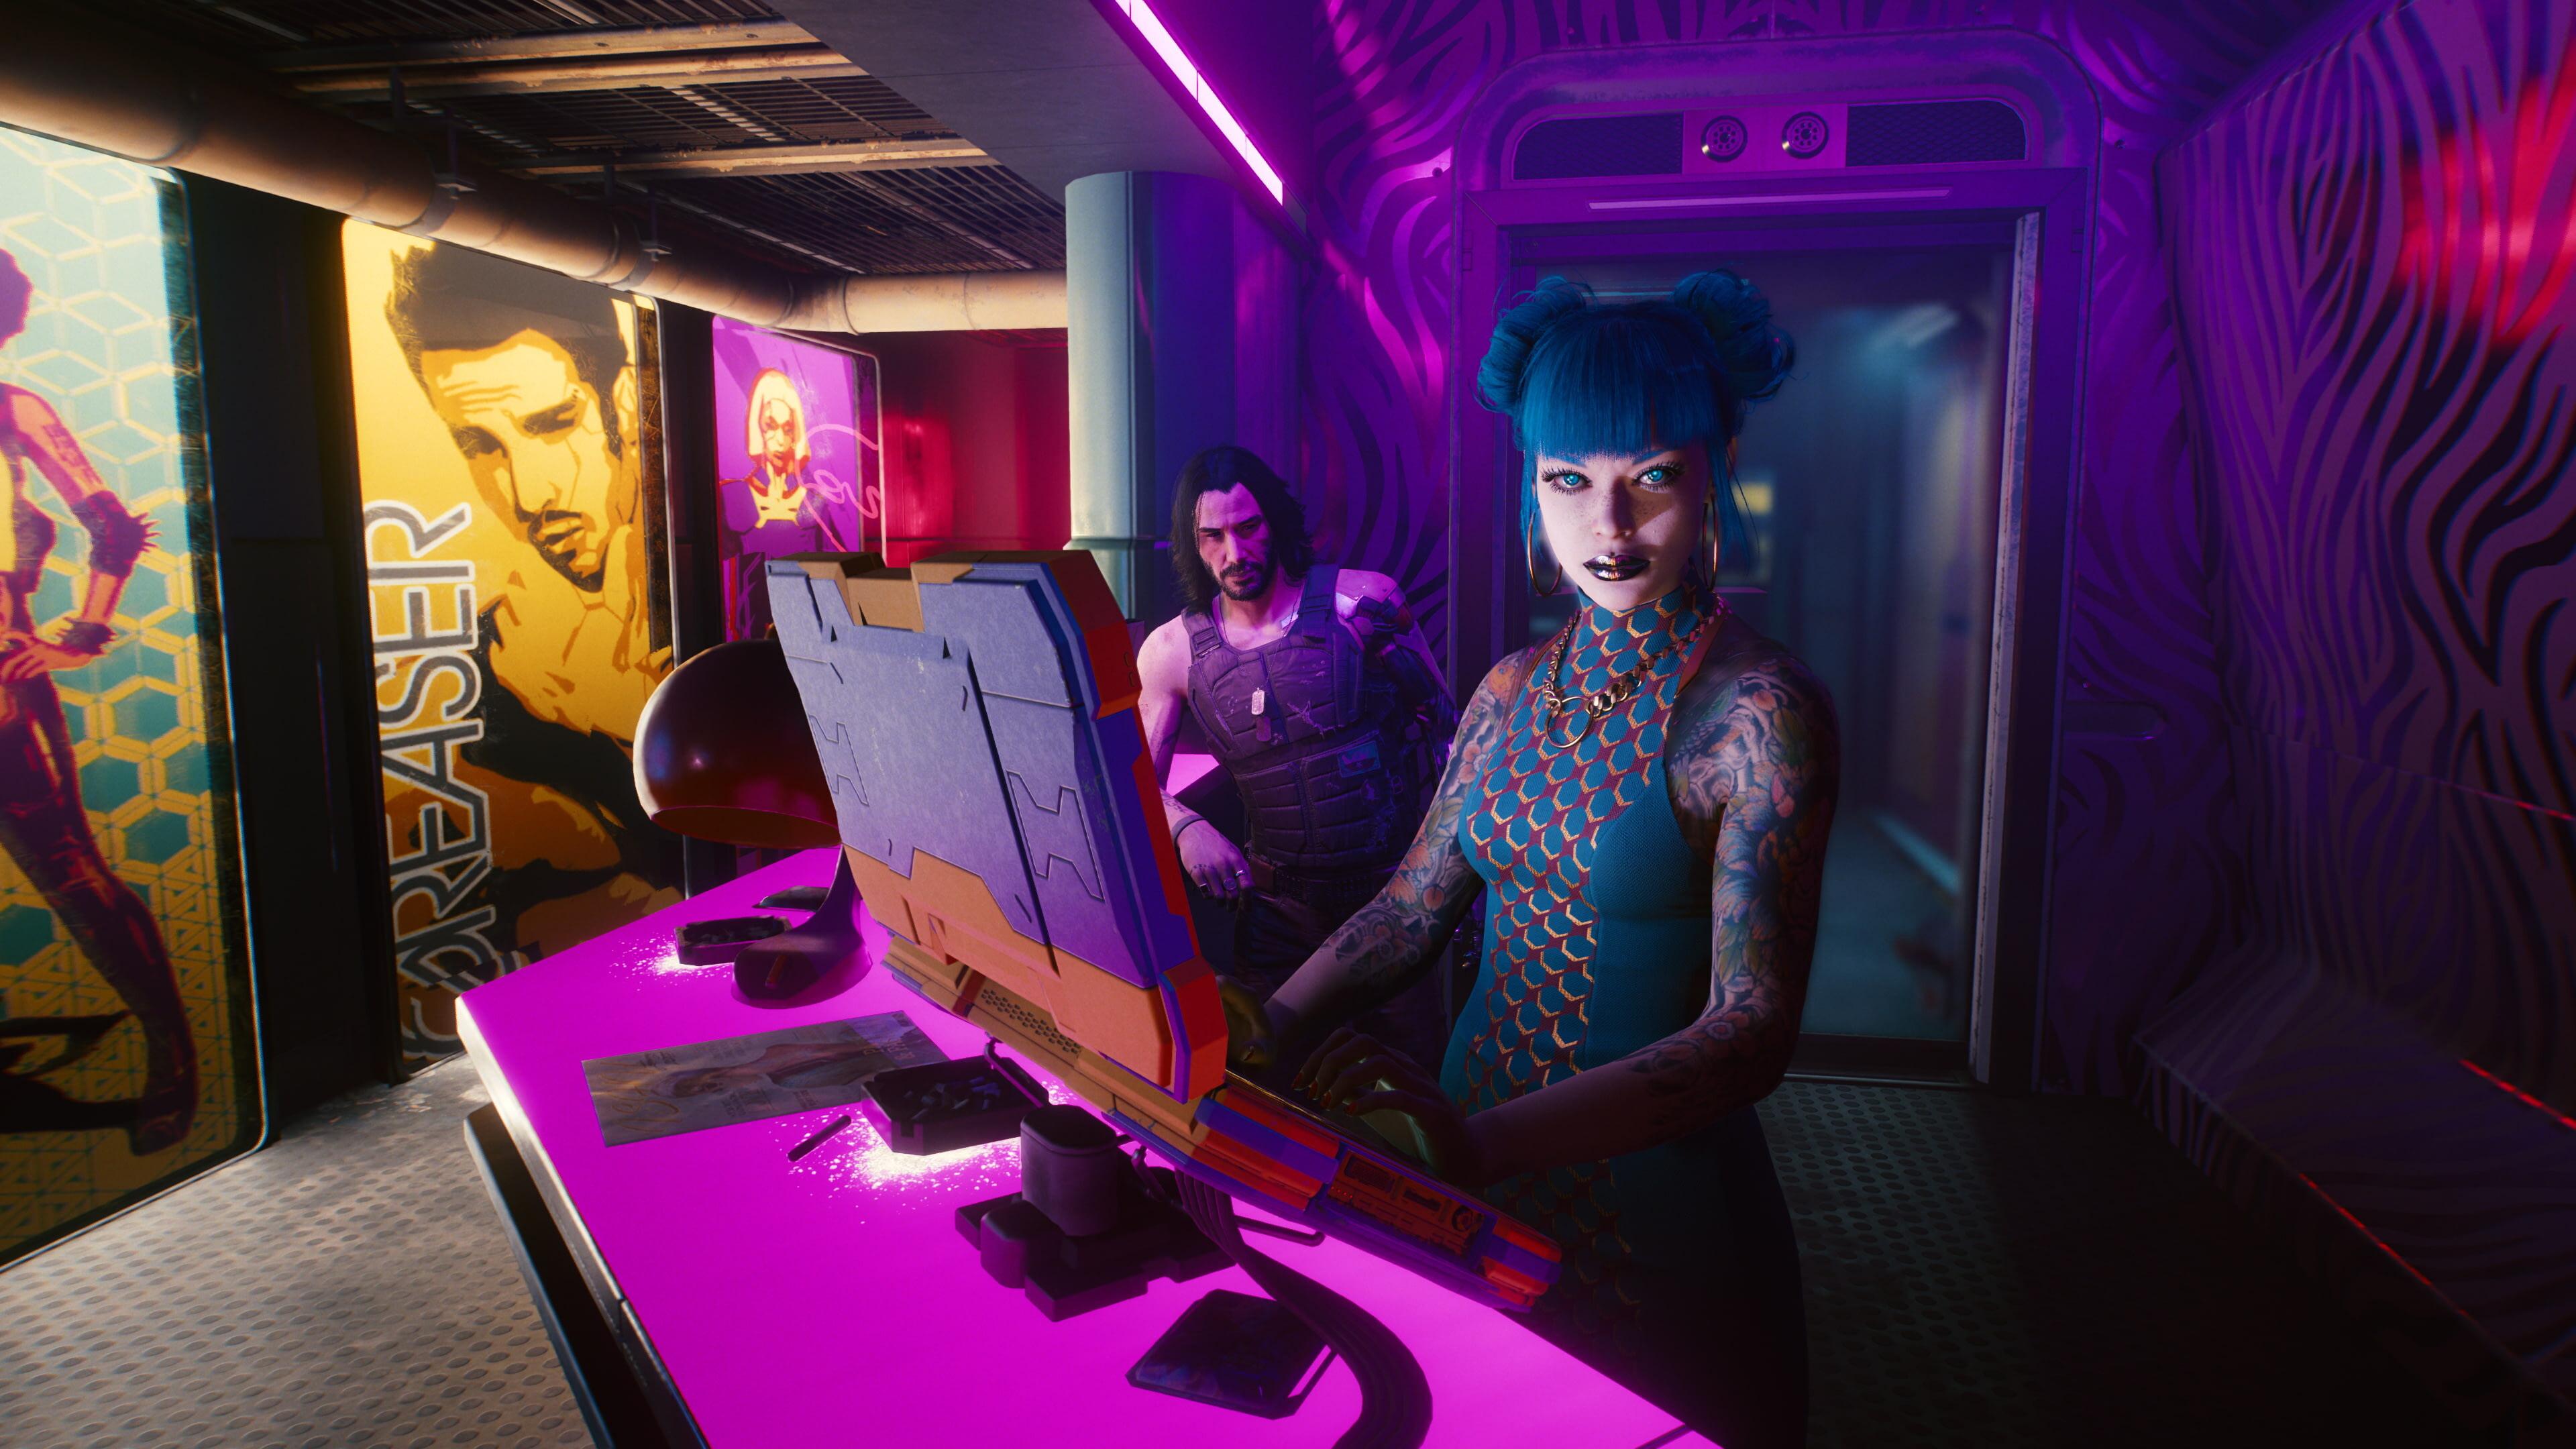 Хакеры украли исходный код игр Cyberpunk 2077 и The Witcher 3 и требуют выкуп